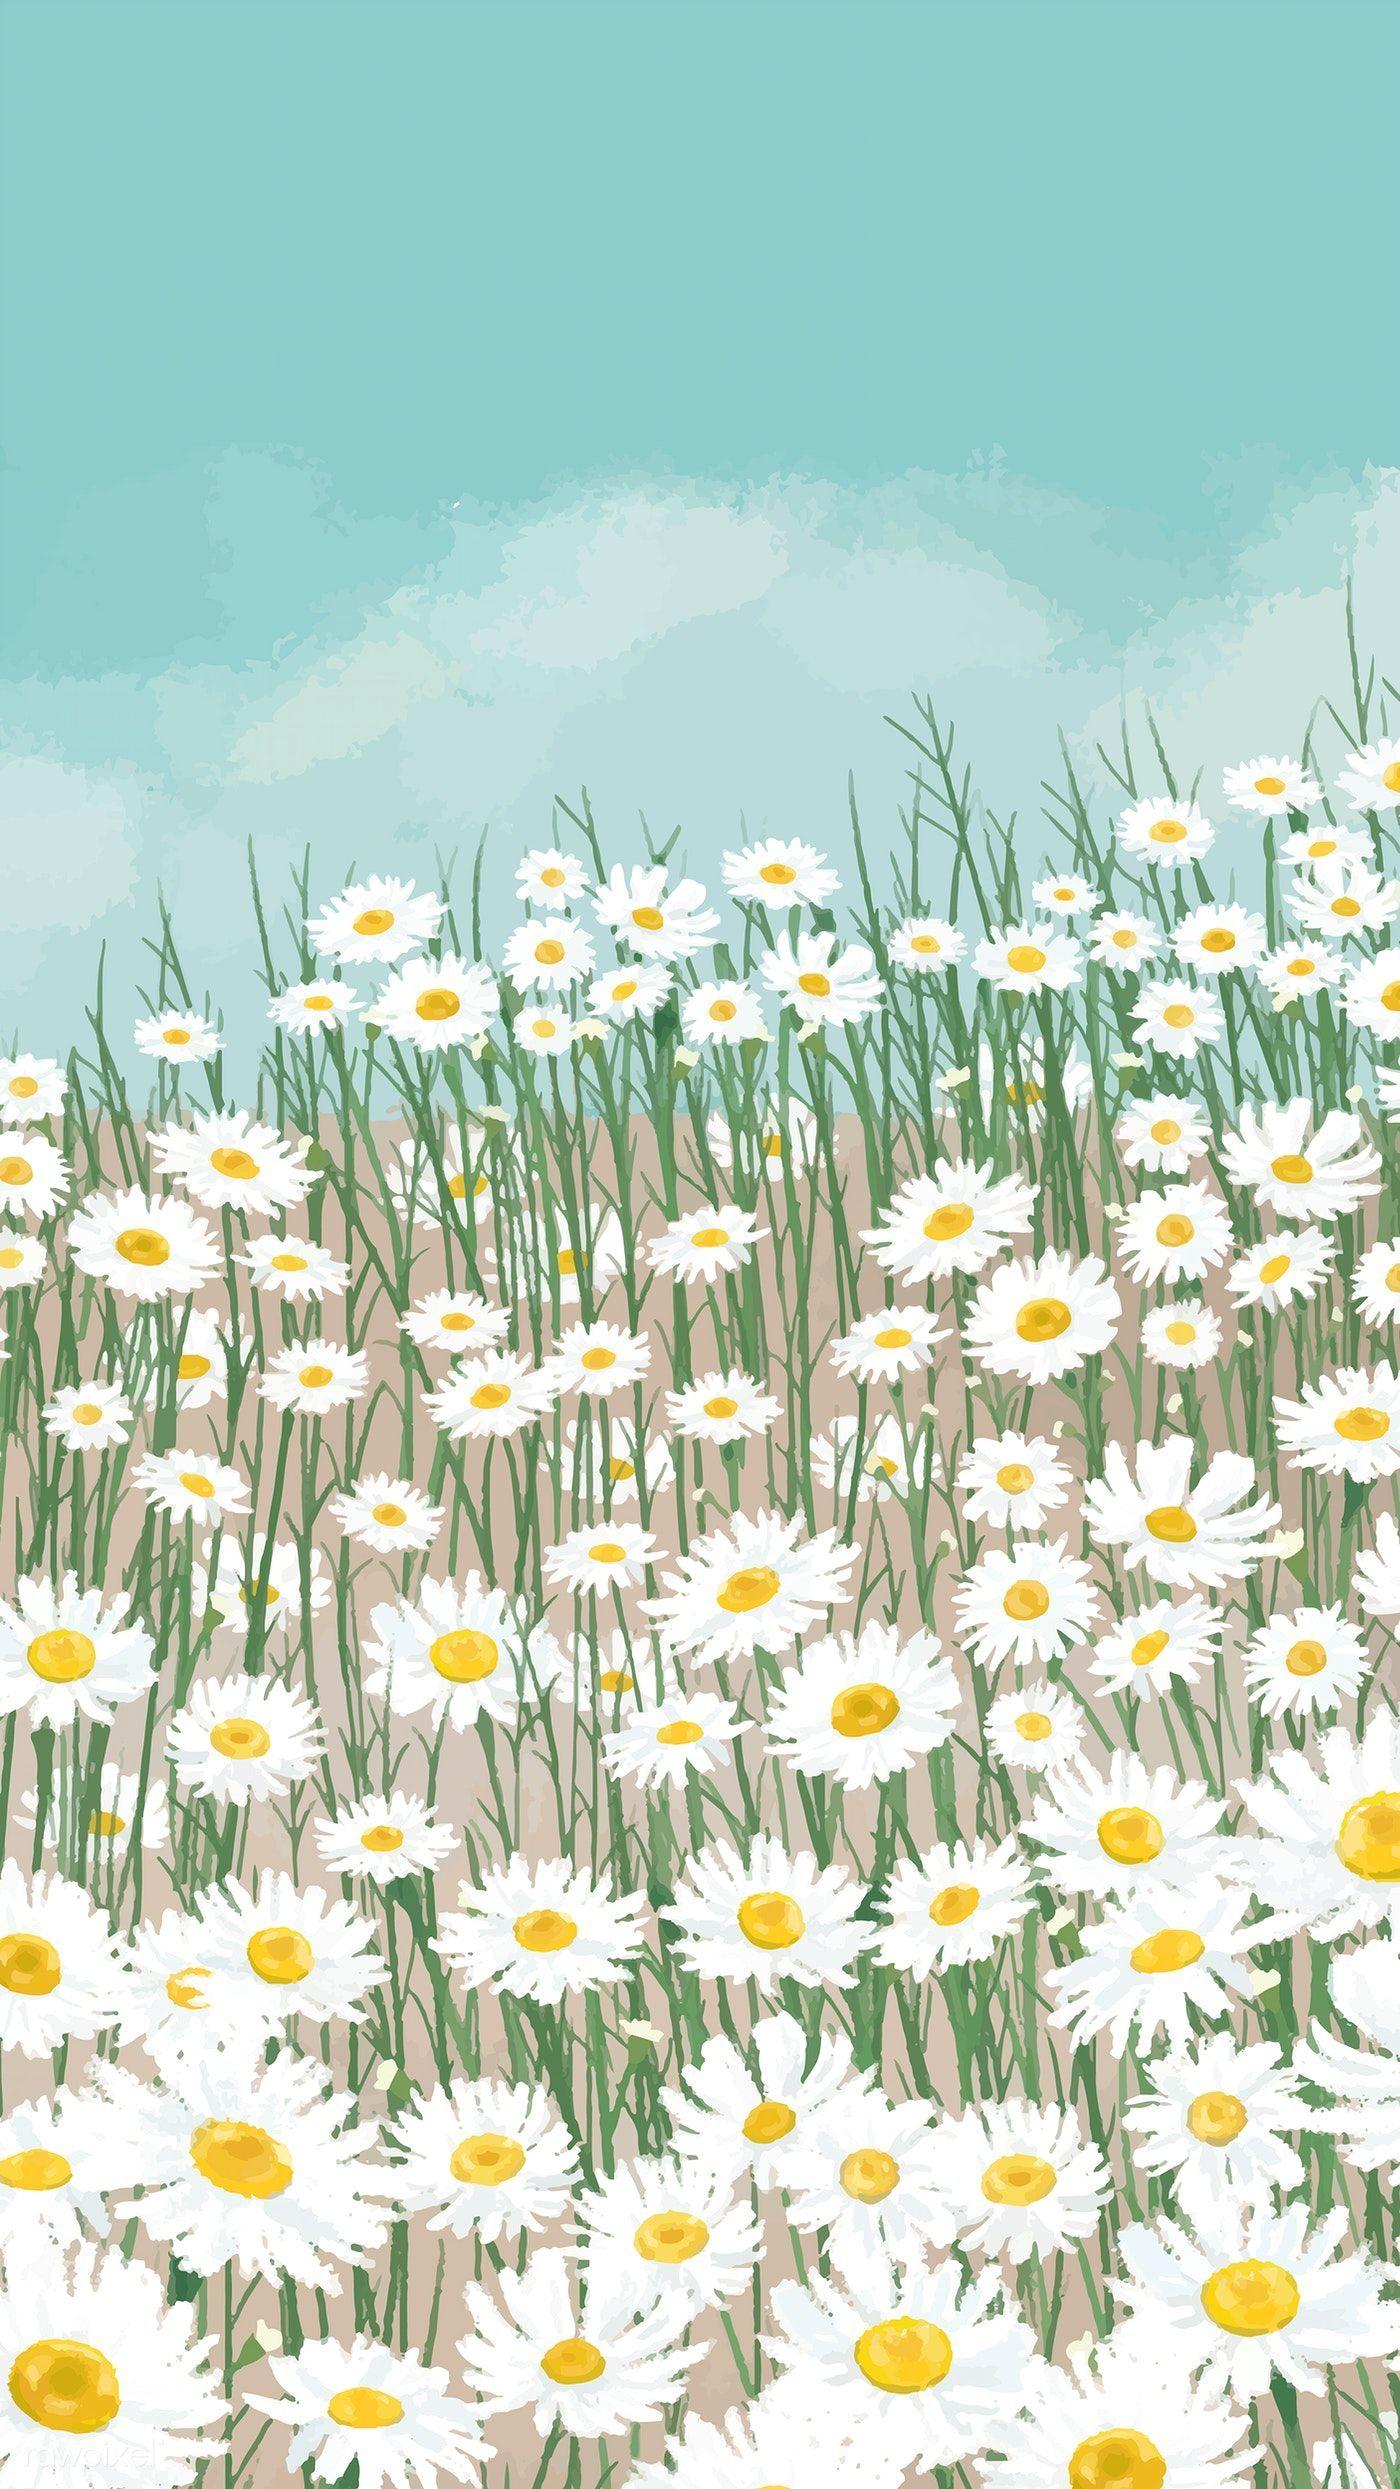 Download Premium-Vektor von Blooming weiße Blume Daisy Handy